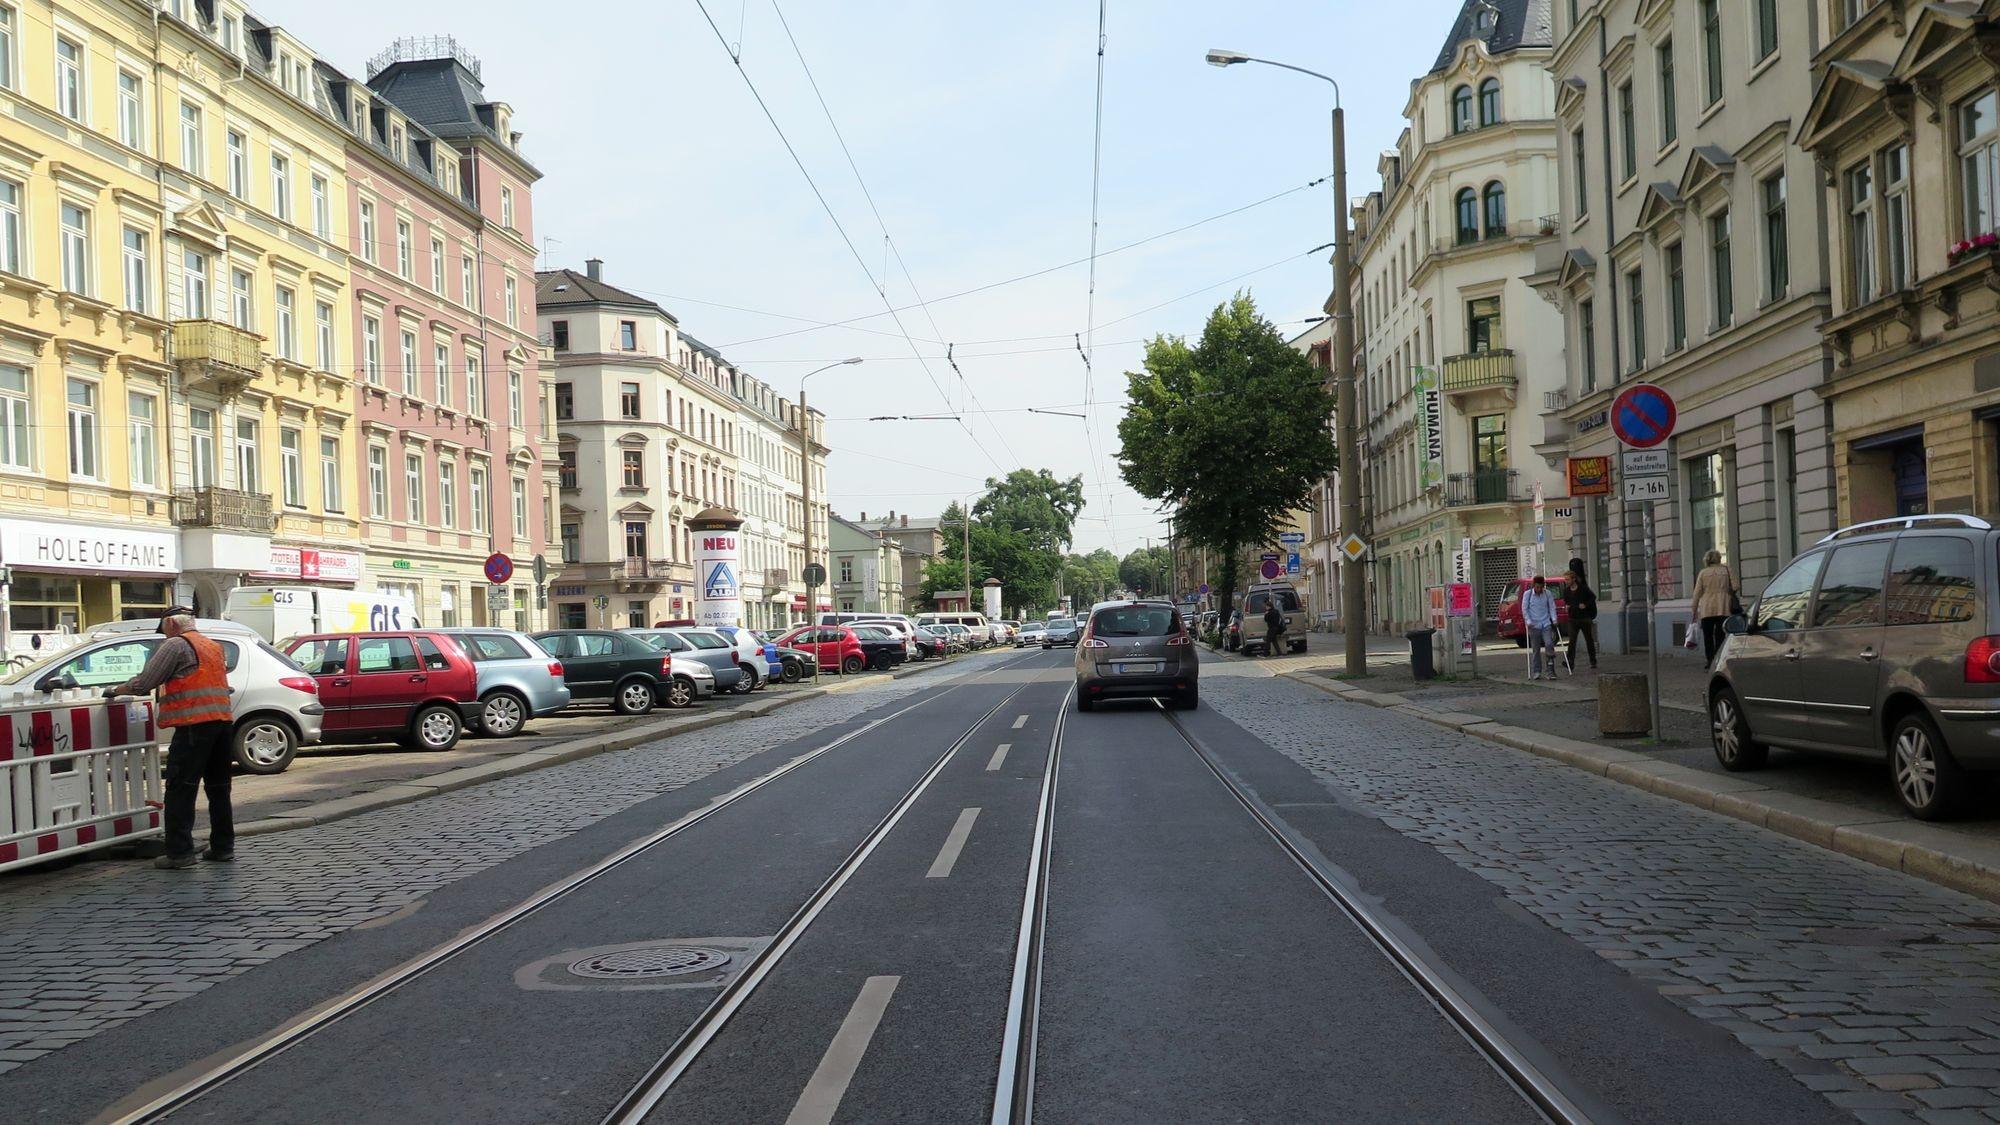 Ausbau Königsbrücker Straße: Seit 23 Jahren keine Sanierung: die Königsbrücker Straße